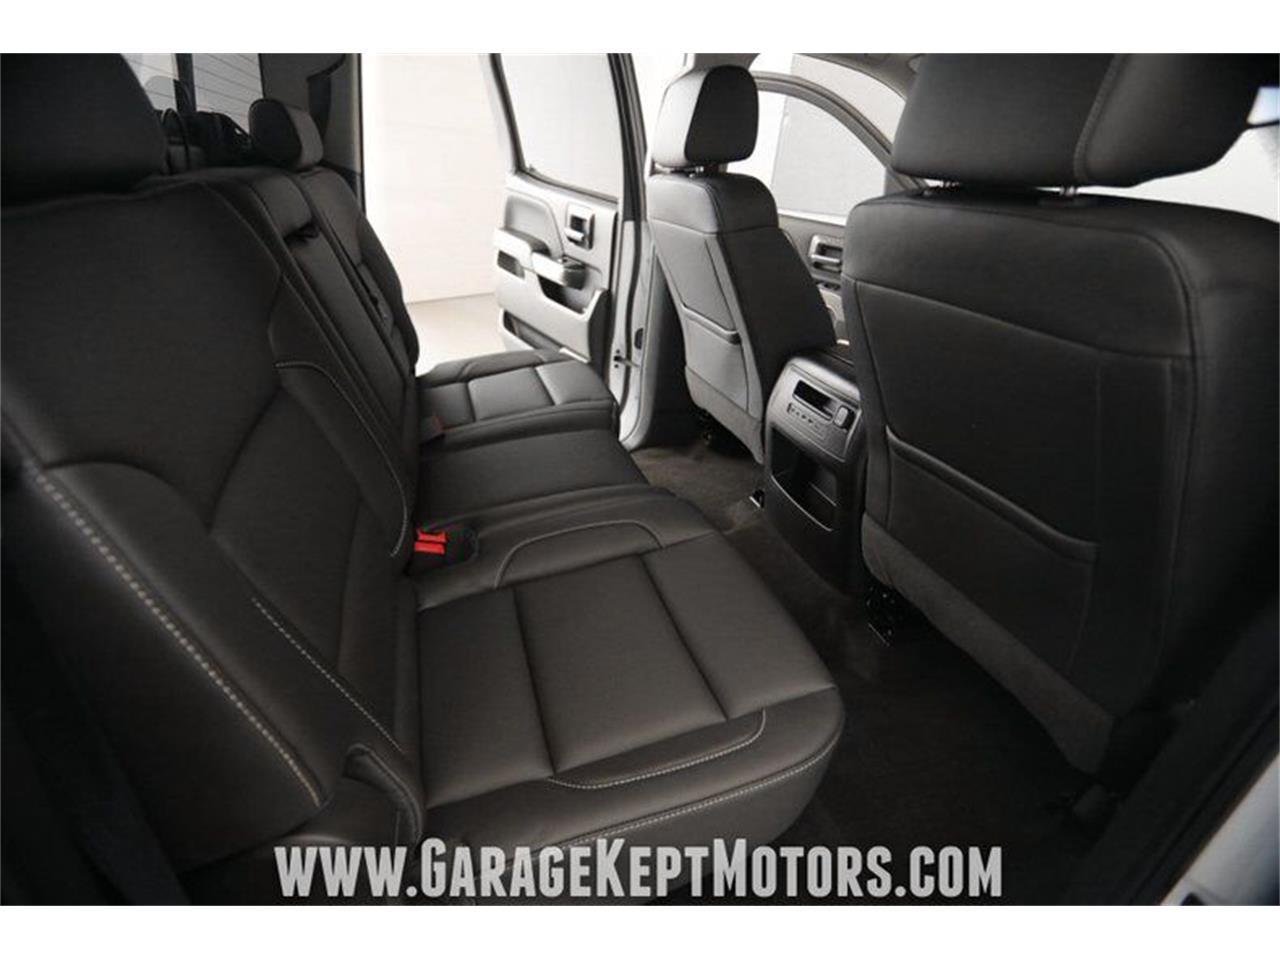 2018 Chevrolet Silverado (CC-1388849) for sale in Grand Rapids, Michigan